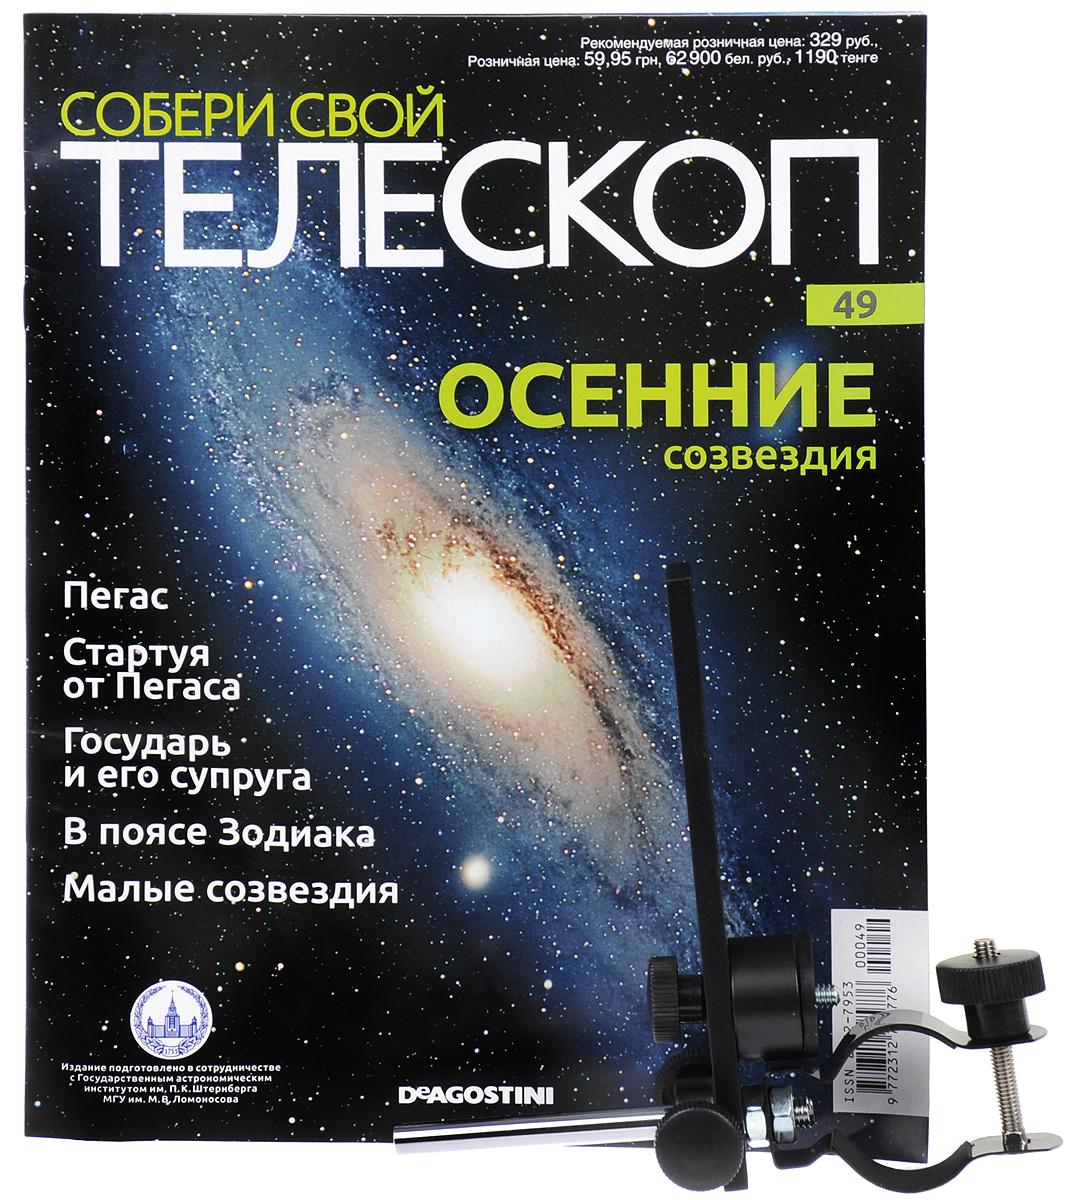 Журнал Собери свой телескоп №49TLS049Издания Собери свой телескоп станут полезным и интересным приобретением для поклонников астрономии, помогут вам в новом ракурсе увидеть и изучить небесные тела, организовать свою личную обсерваторию и получать незабываемые эмоции от познания космоса. Каждое издание серии включает в себя монографический журнал, увлекательно знакомящий читателей с отдельным небесным телом, и некоторые элементы для собираемого телескопа. Вы сможете расширить свой кругозор, приятно провести время за чтением журналов, собственноручно собрать настоящий телескоп и полноценно использовать его для изучения звездного неба. К данному номеру прилагается кронштейн для фотокамеры, выполненный из пластика и металла. Категория 12+.